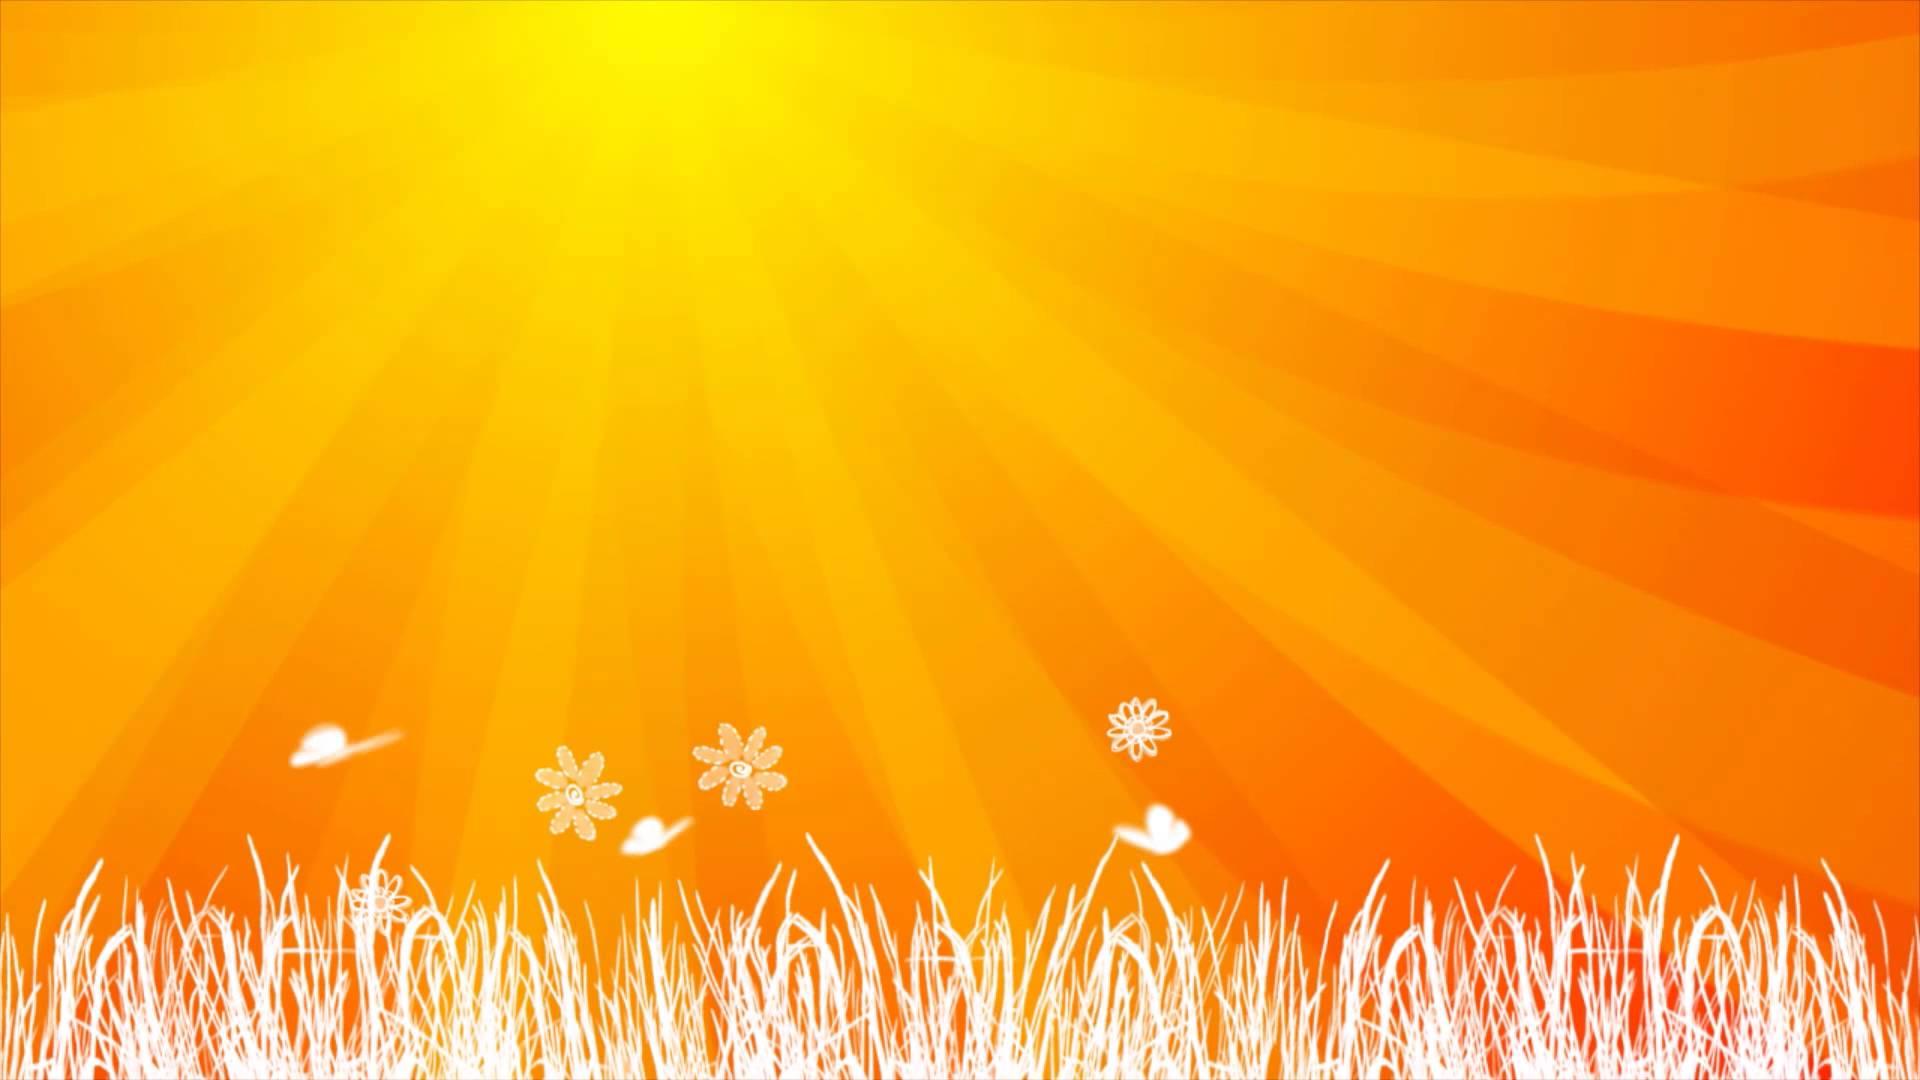 Orange Sun Background Animation HD - YouTube